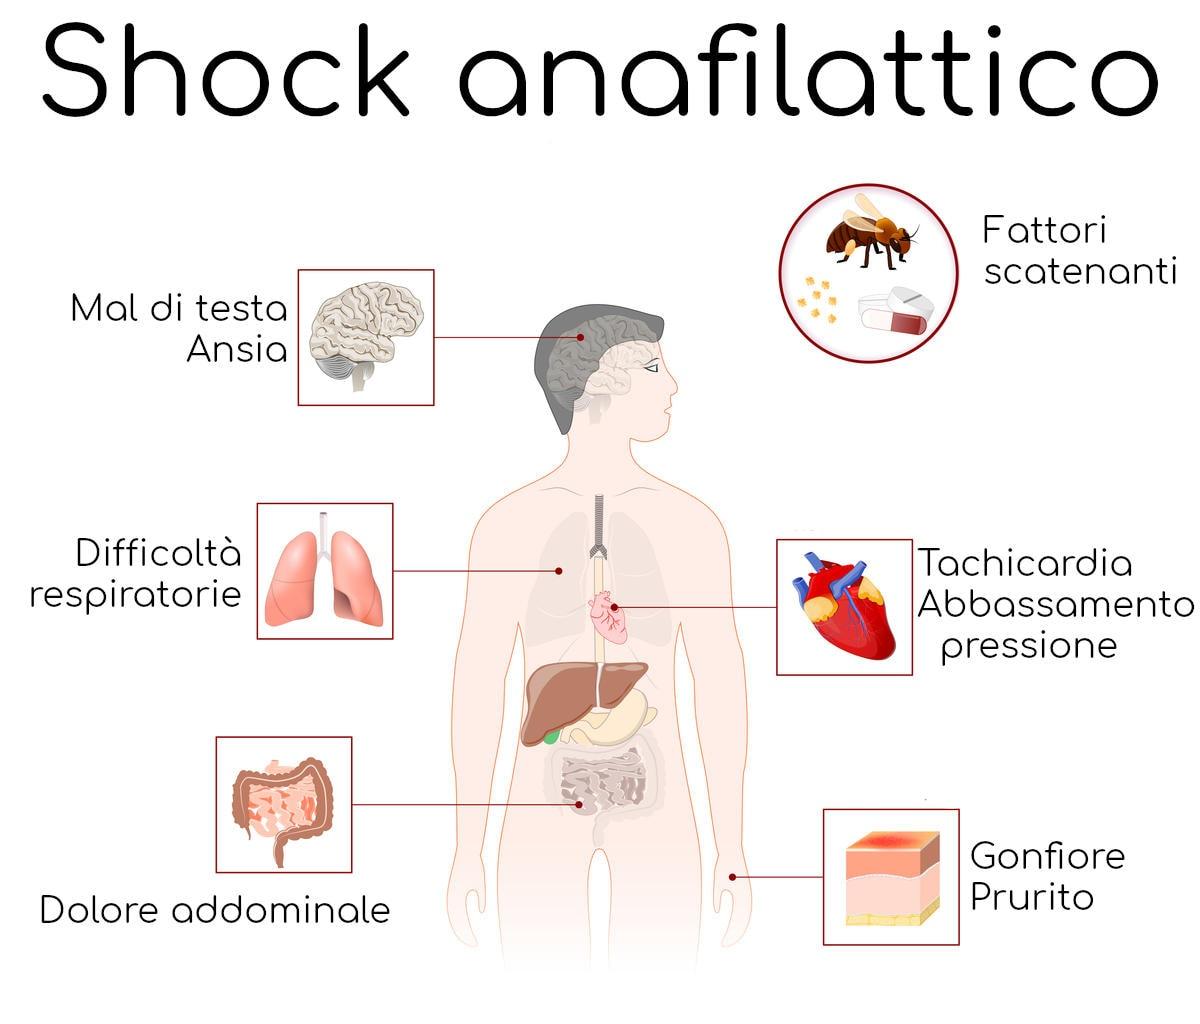 Infografica con i più comuni sintomi di shock anafilattico